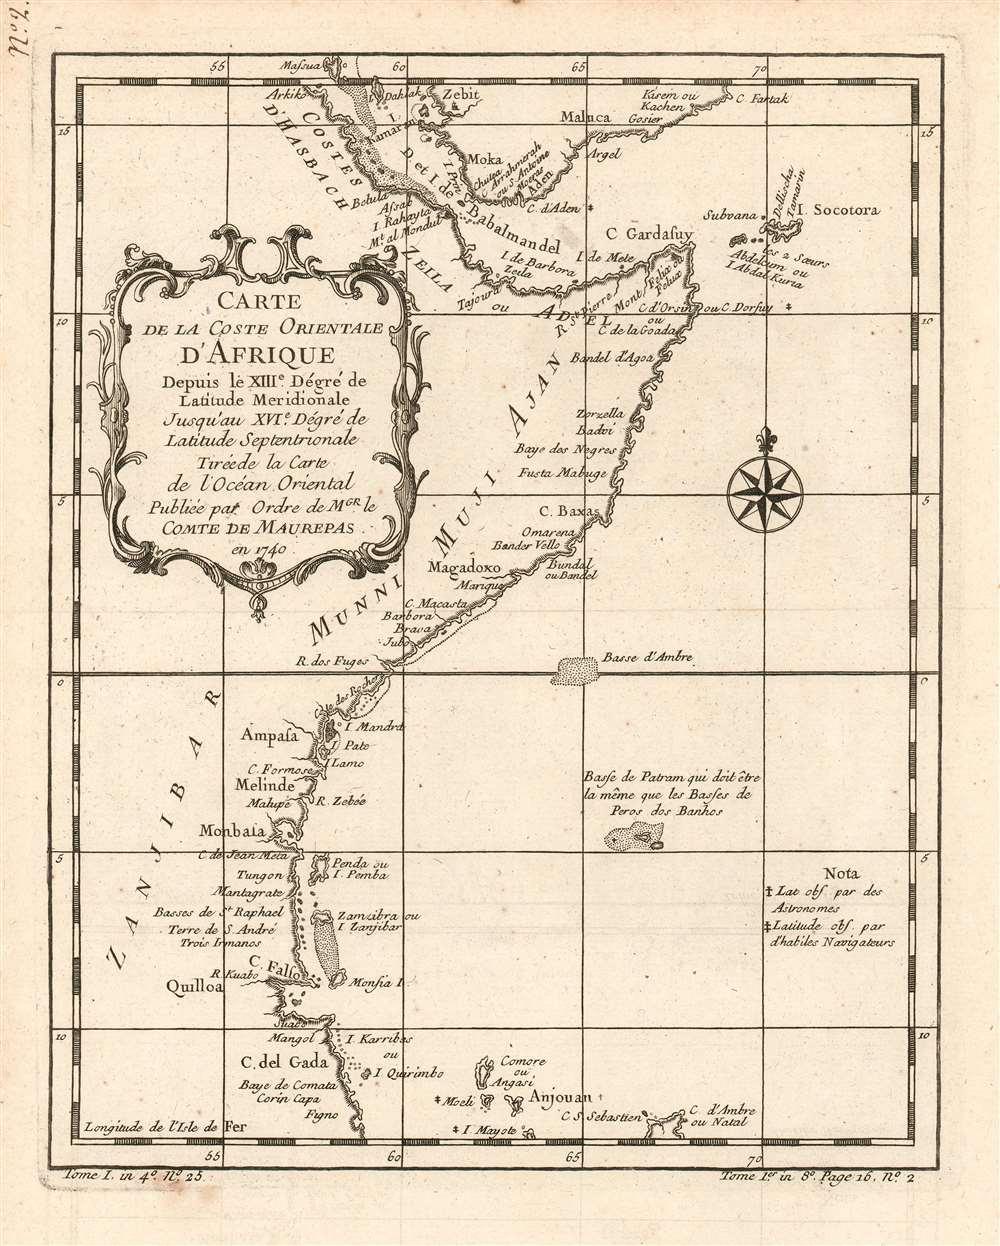 Carte de la coste orientale d'Afrique depuis le XIIIe. Dégré de Latitude Meridionale Jusqu'au XVIe. Dégré de Latitude Septenrionale Tireé de la carte de l'ocean oriental publiée par ordre de mgr. le Comte de Maurepas en 1740. - Main View